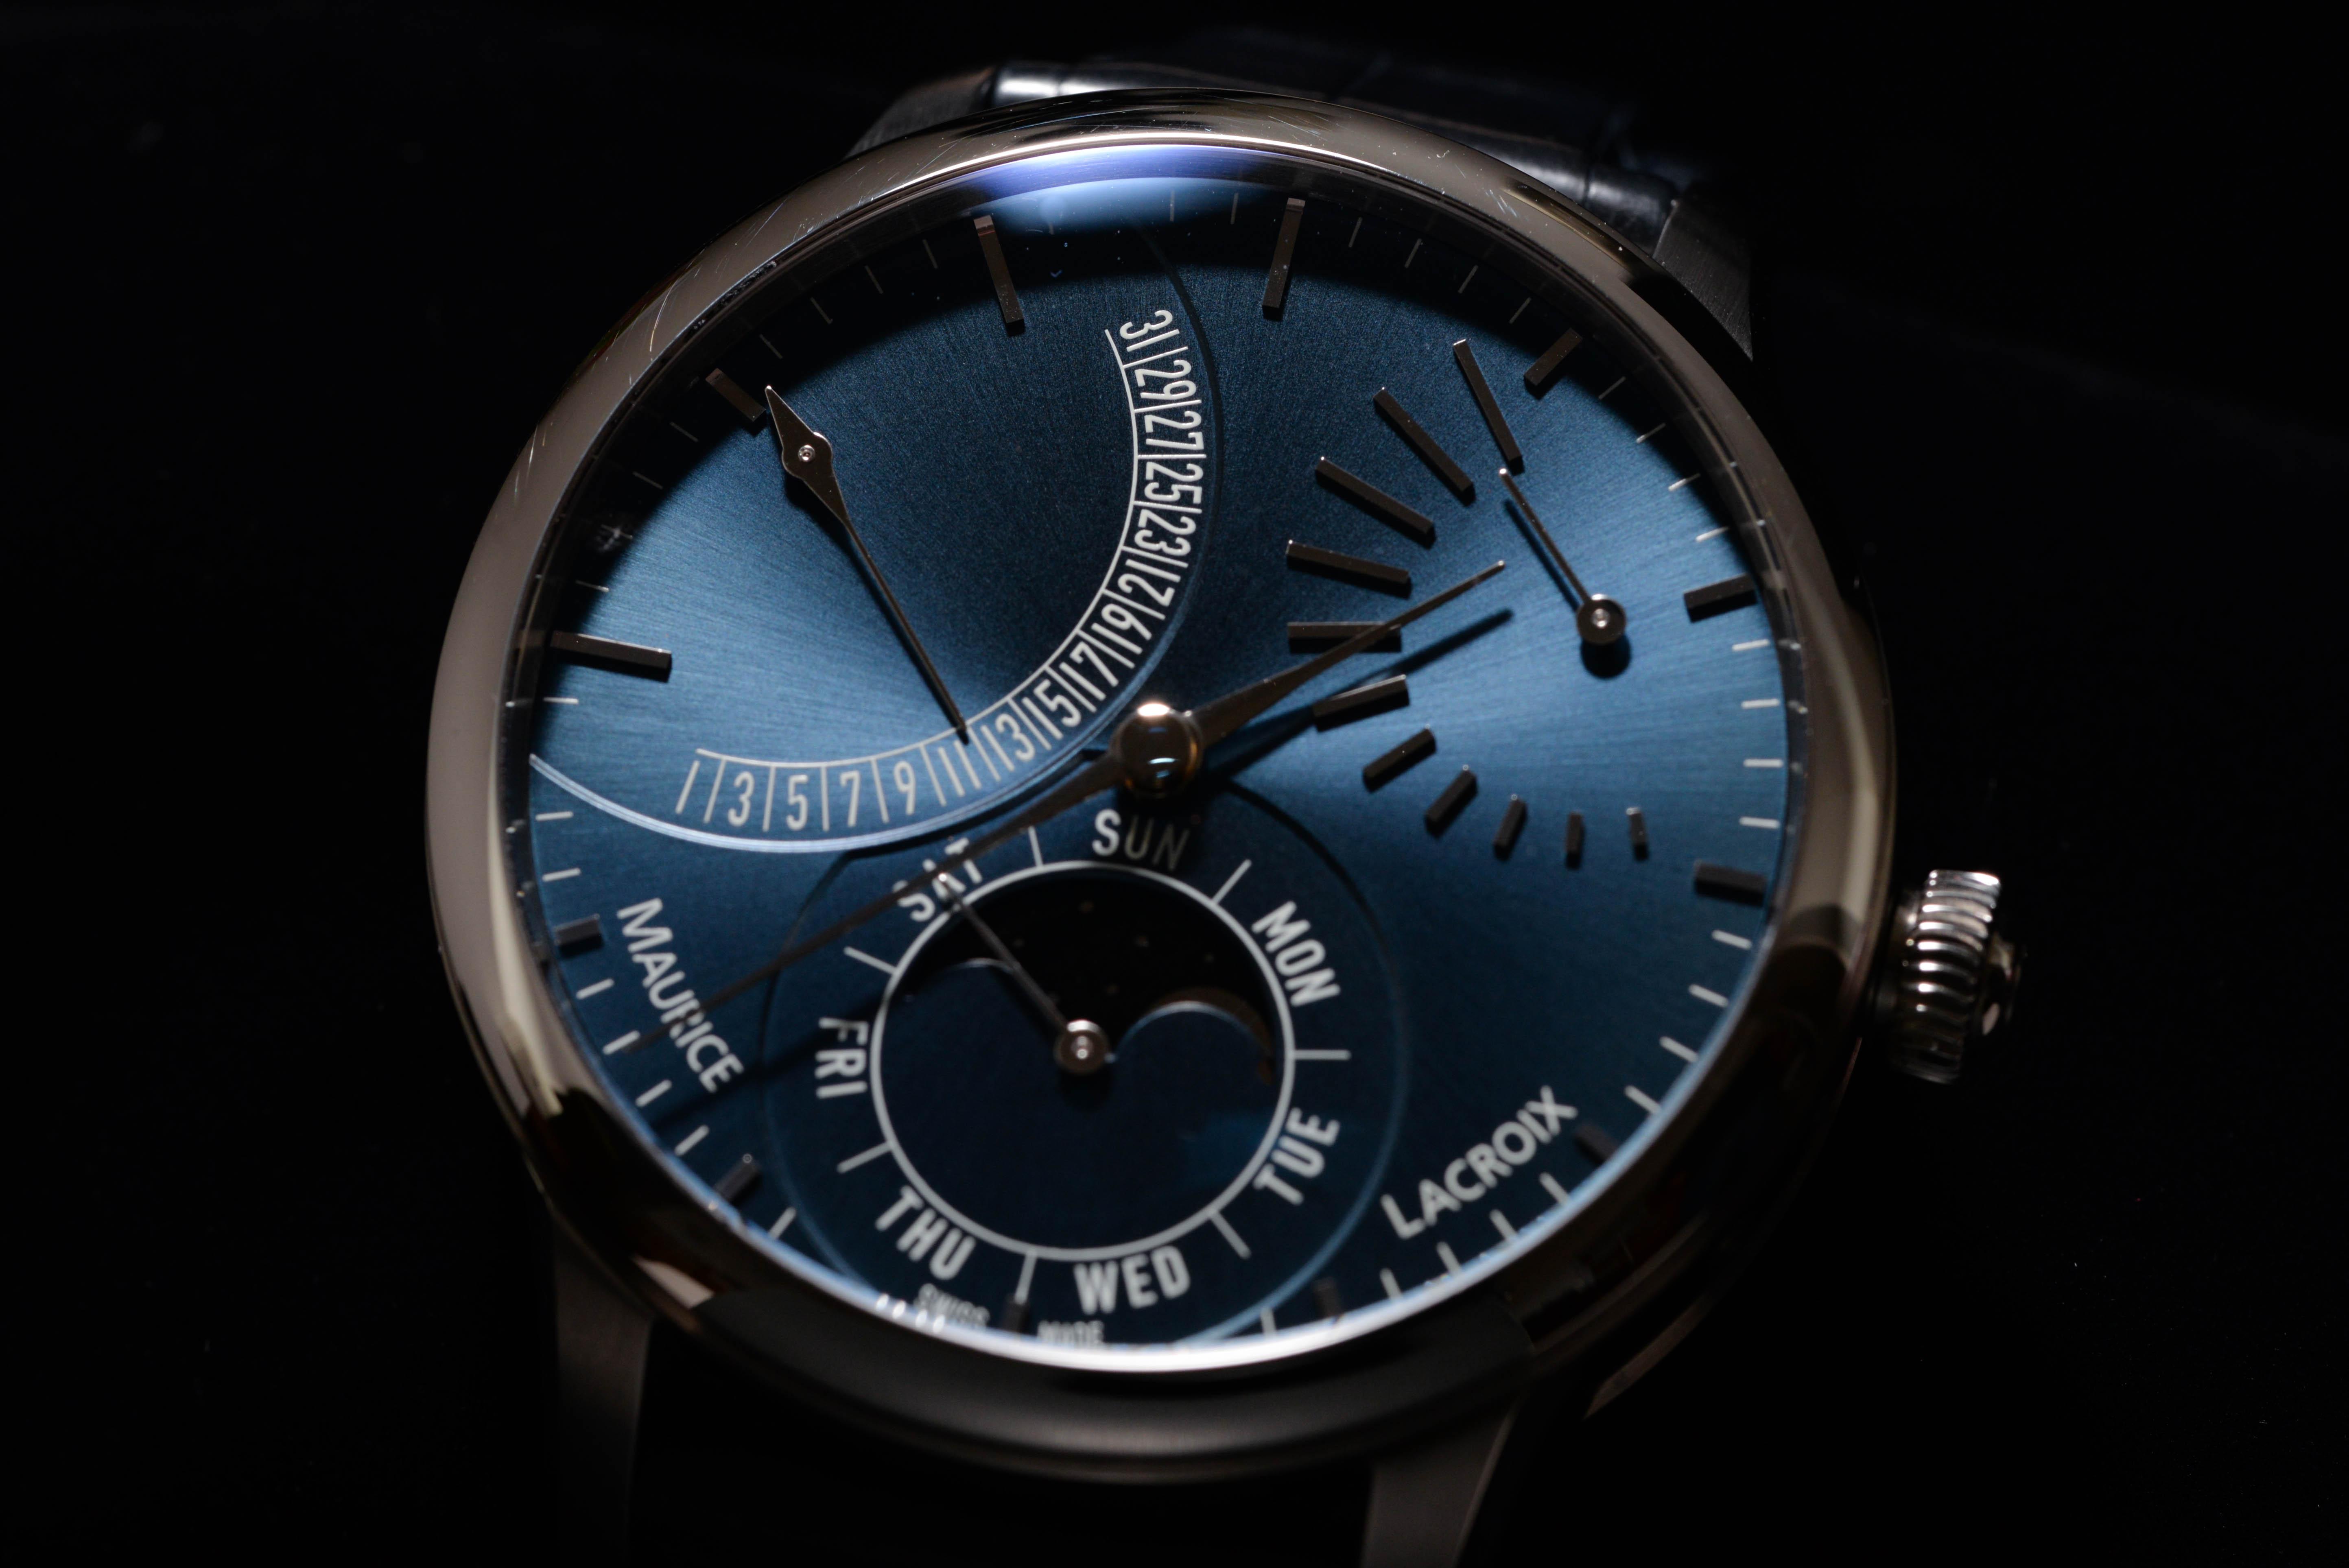 舘野さんの腕時計はモーリス ラクロア